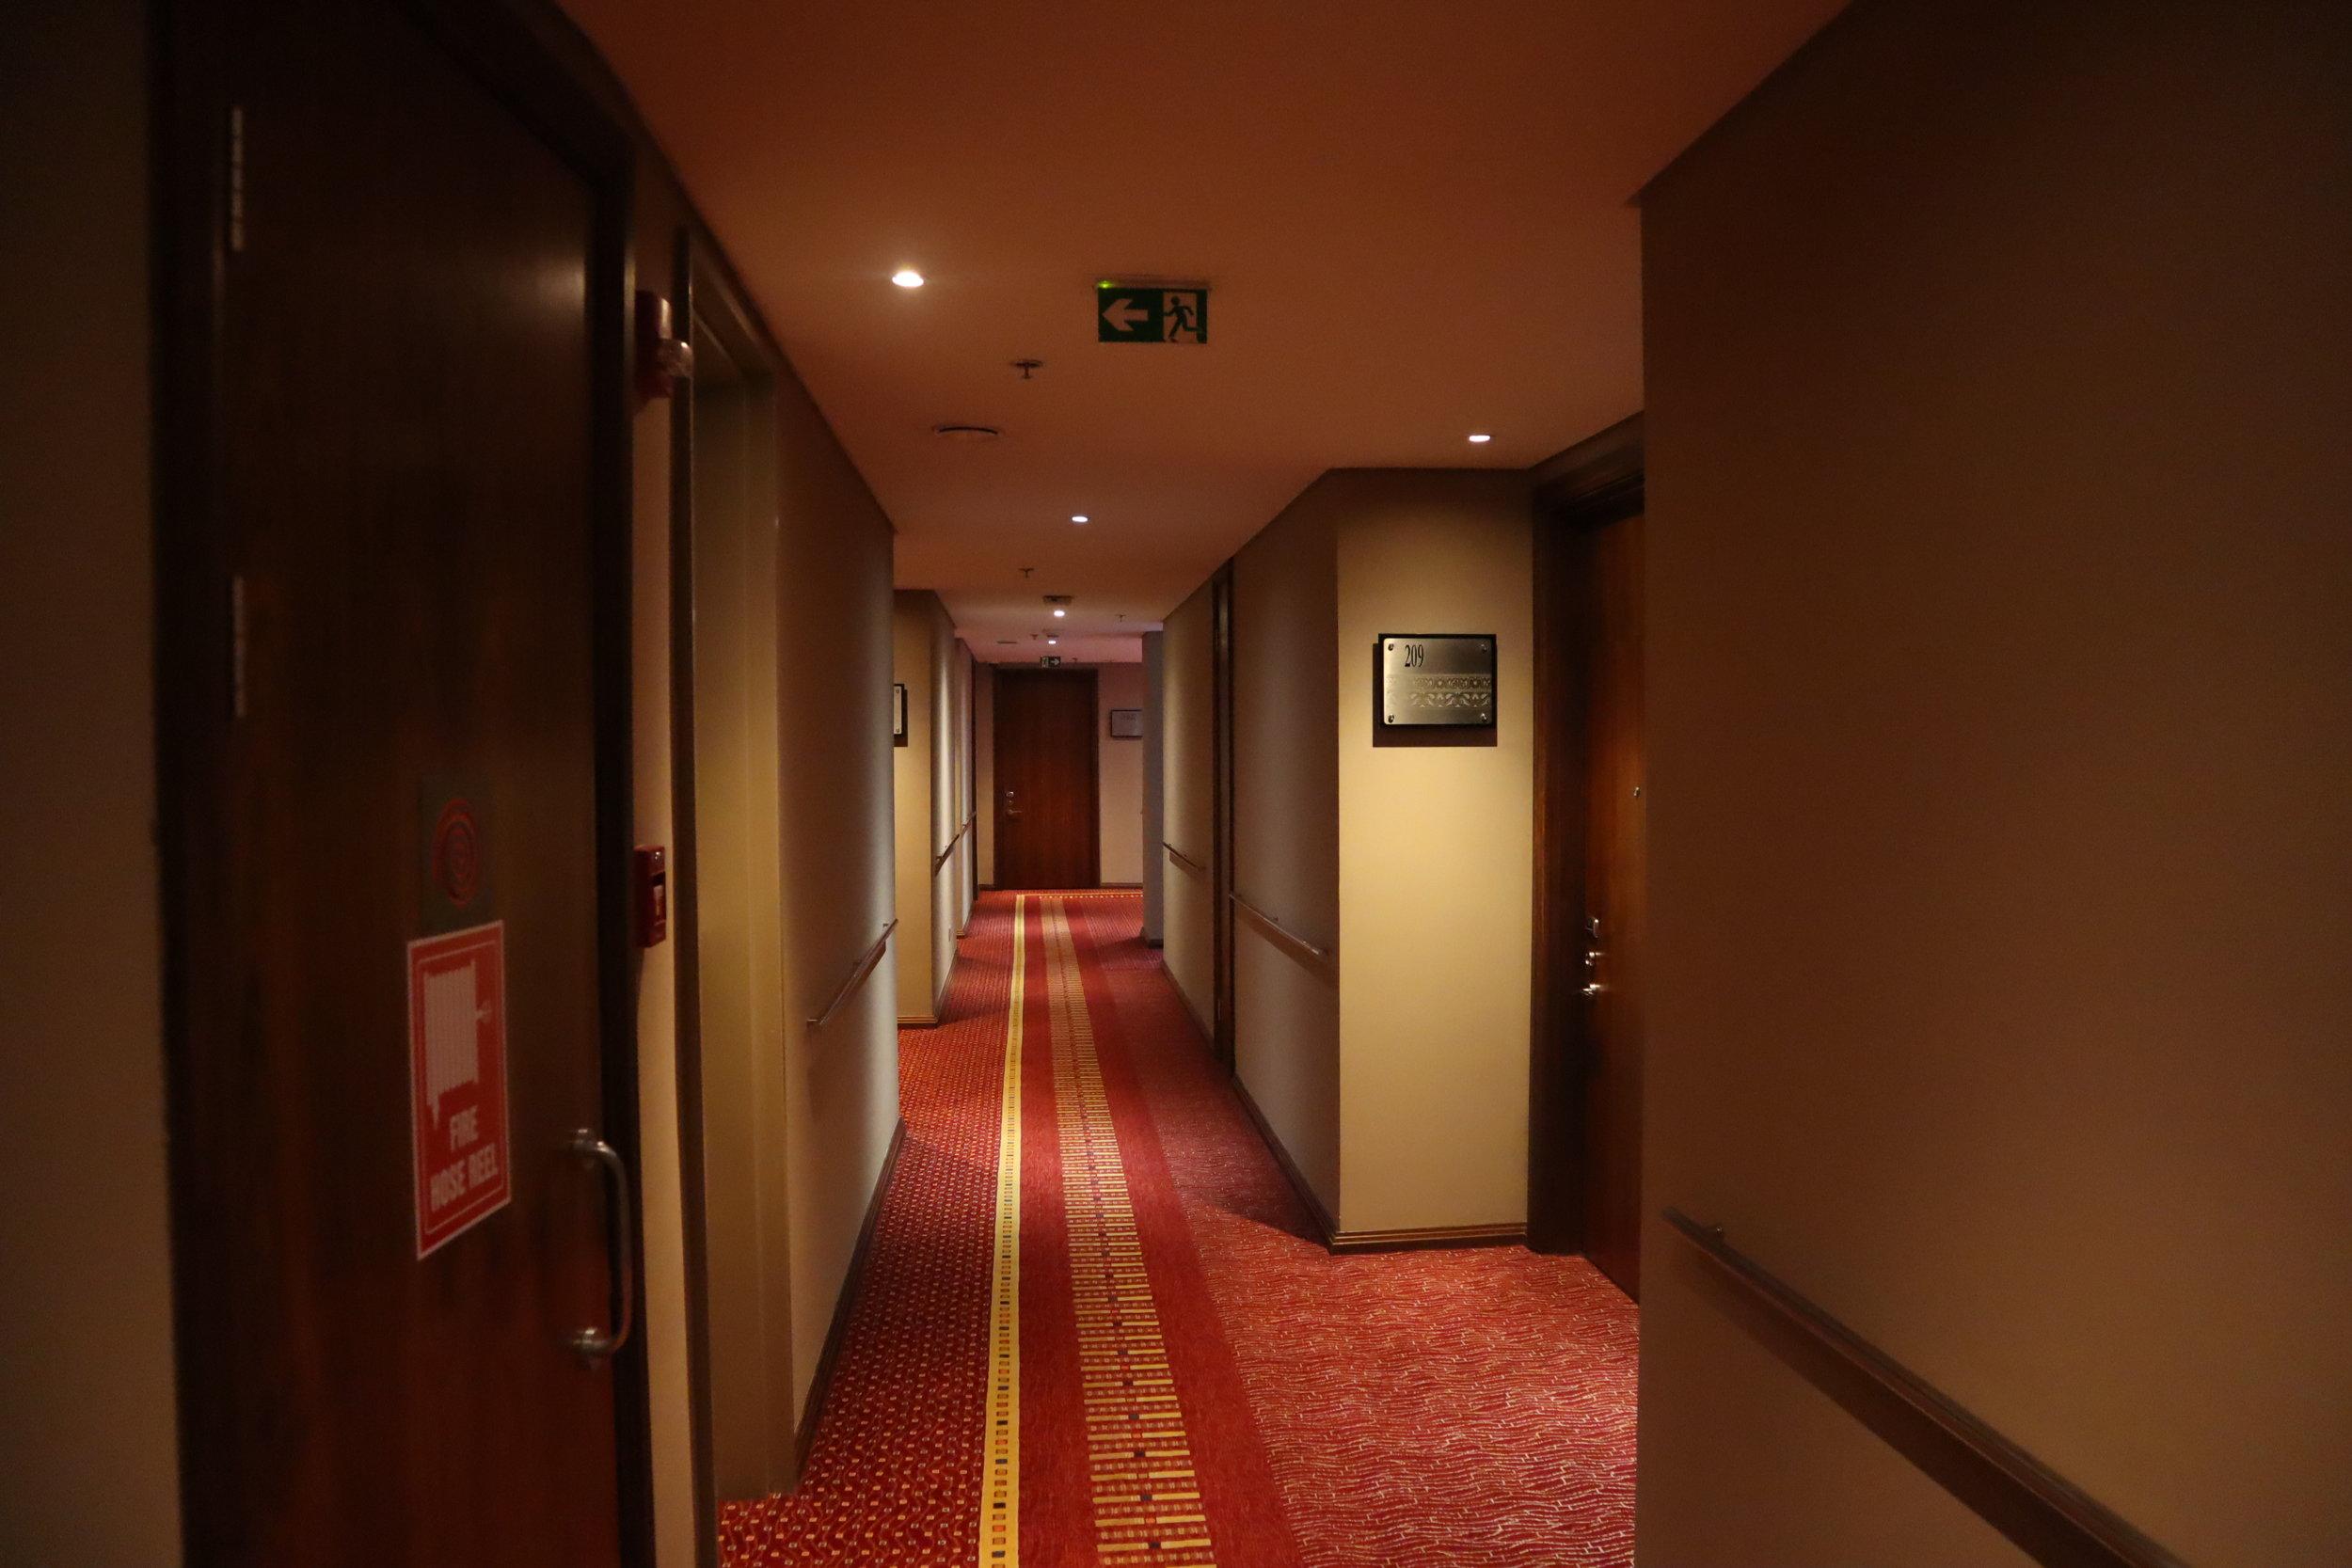 Marriott Accra – Hallway